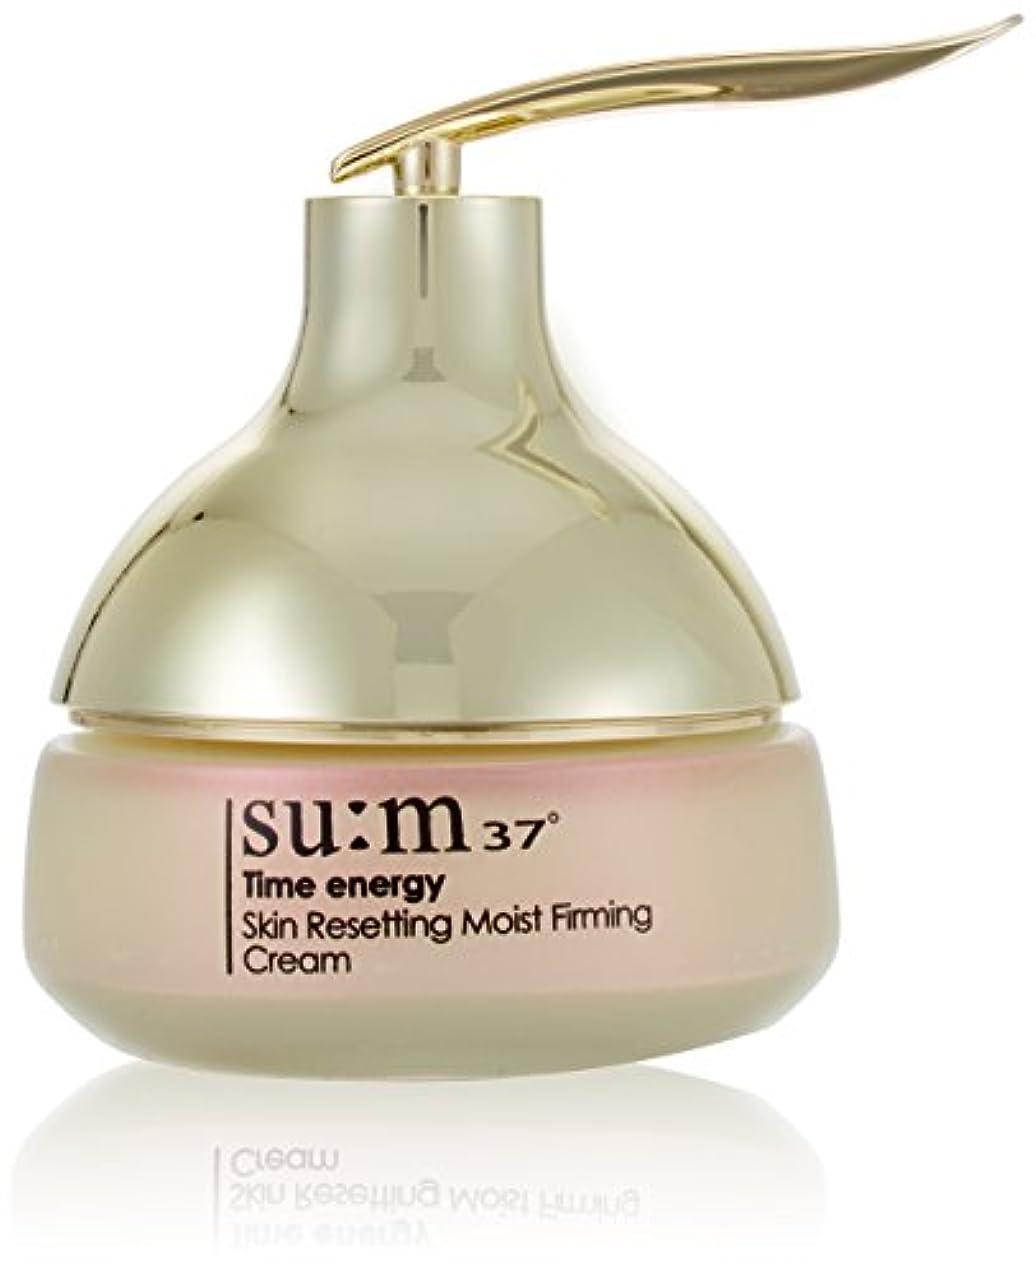 テスト流用するにやにやスム(Su:m37) タイムエナジーモイストファーミングクリーム